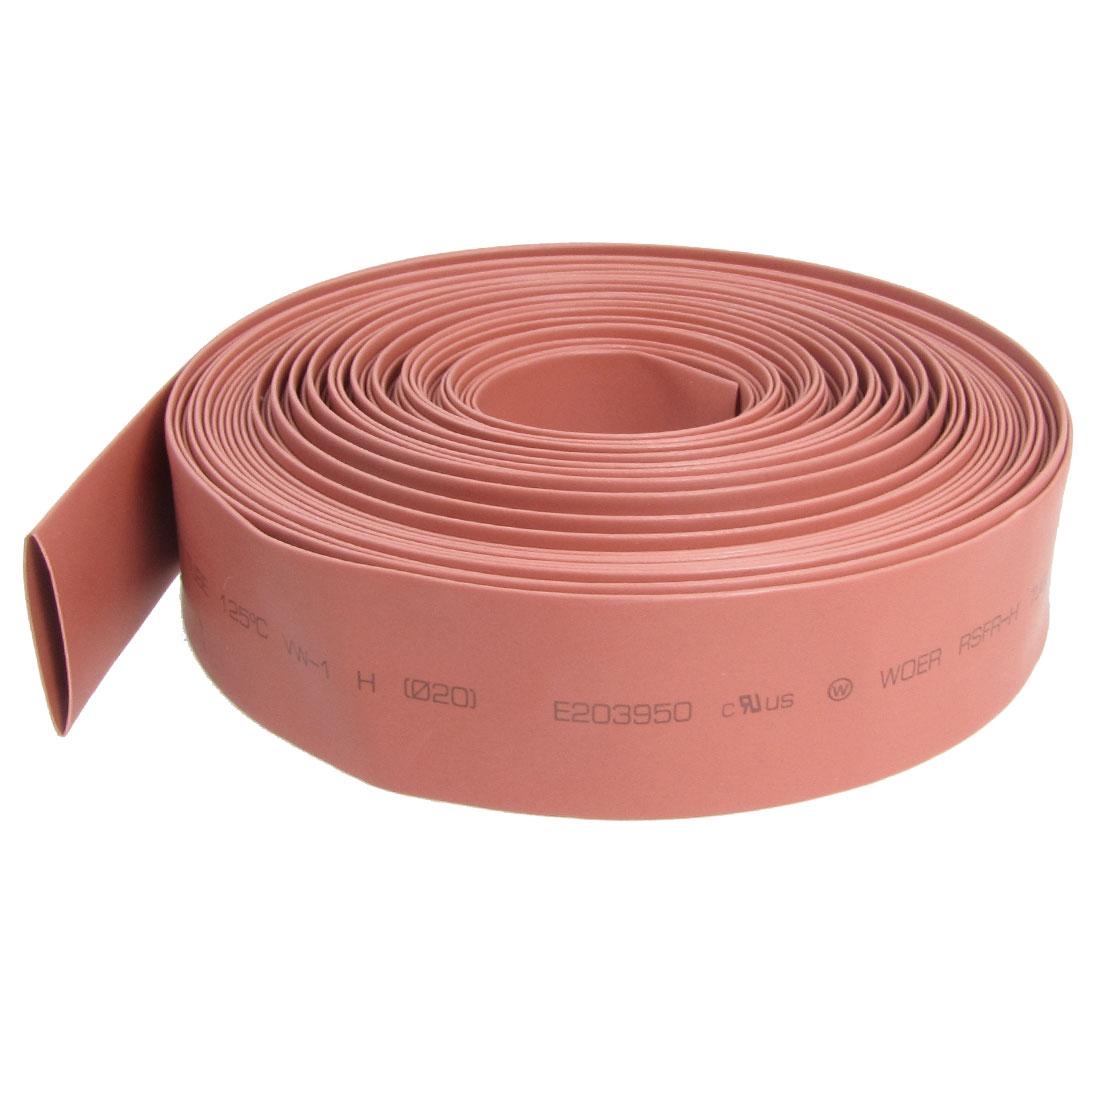 20mm Diameter Ratio 2:1 Heat Shrinking Shrinkable Tube Red 10M Long